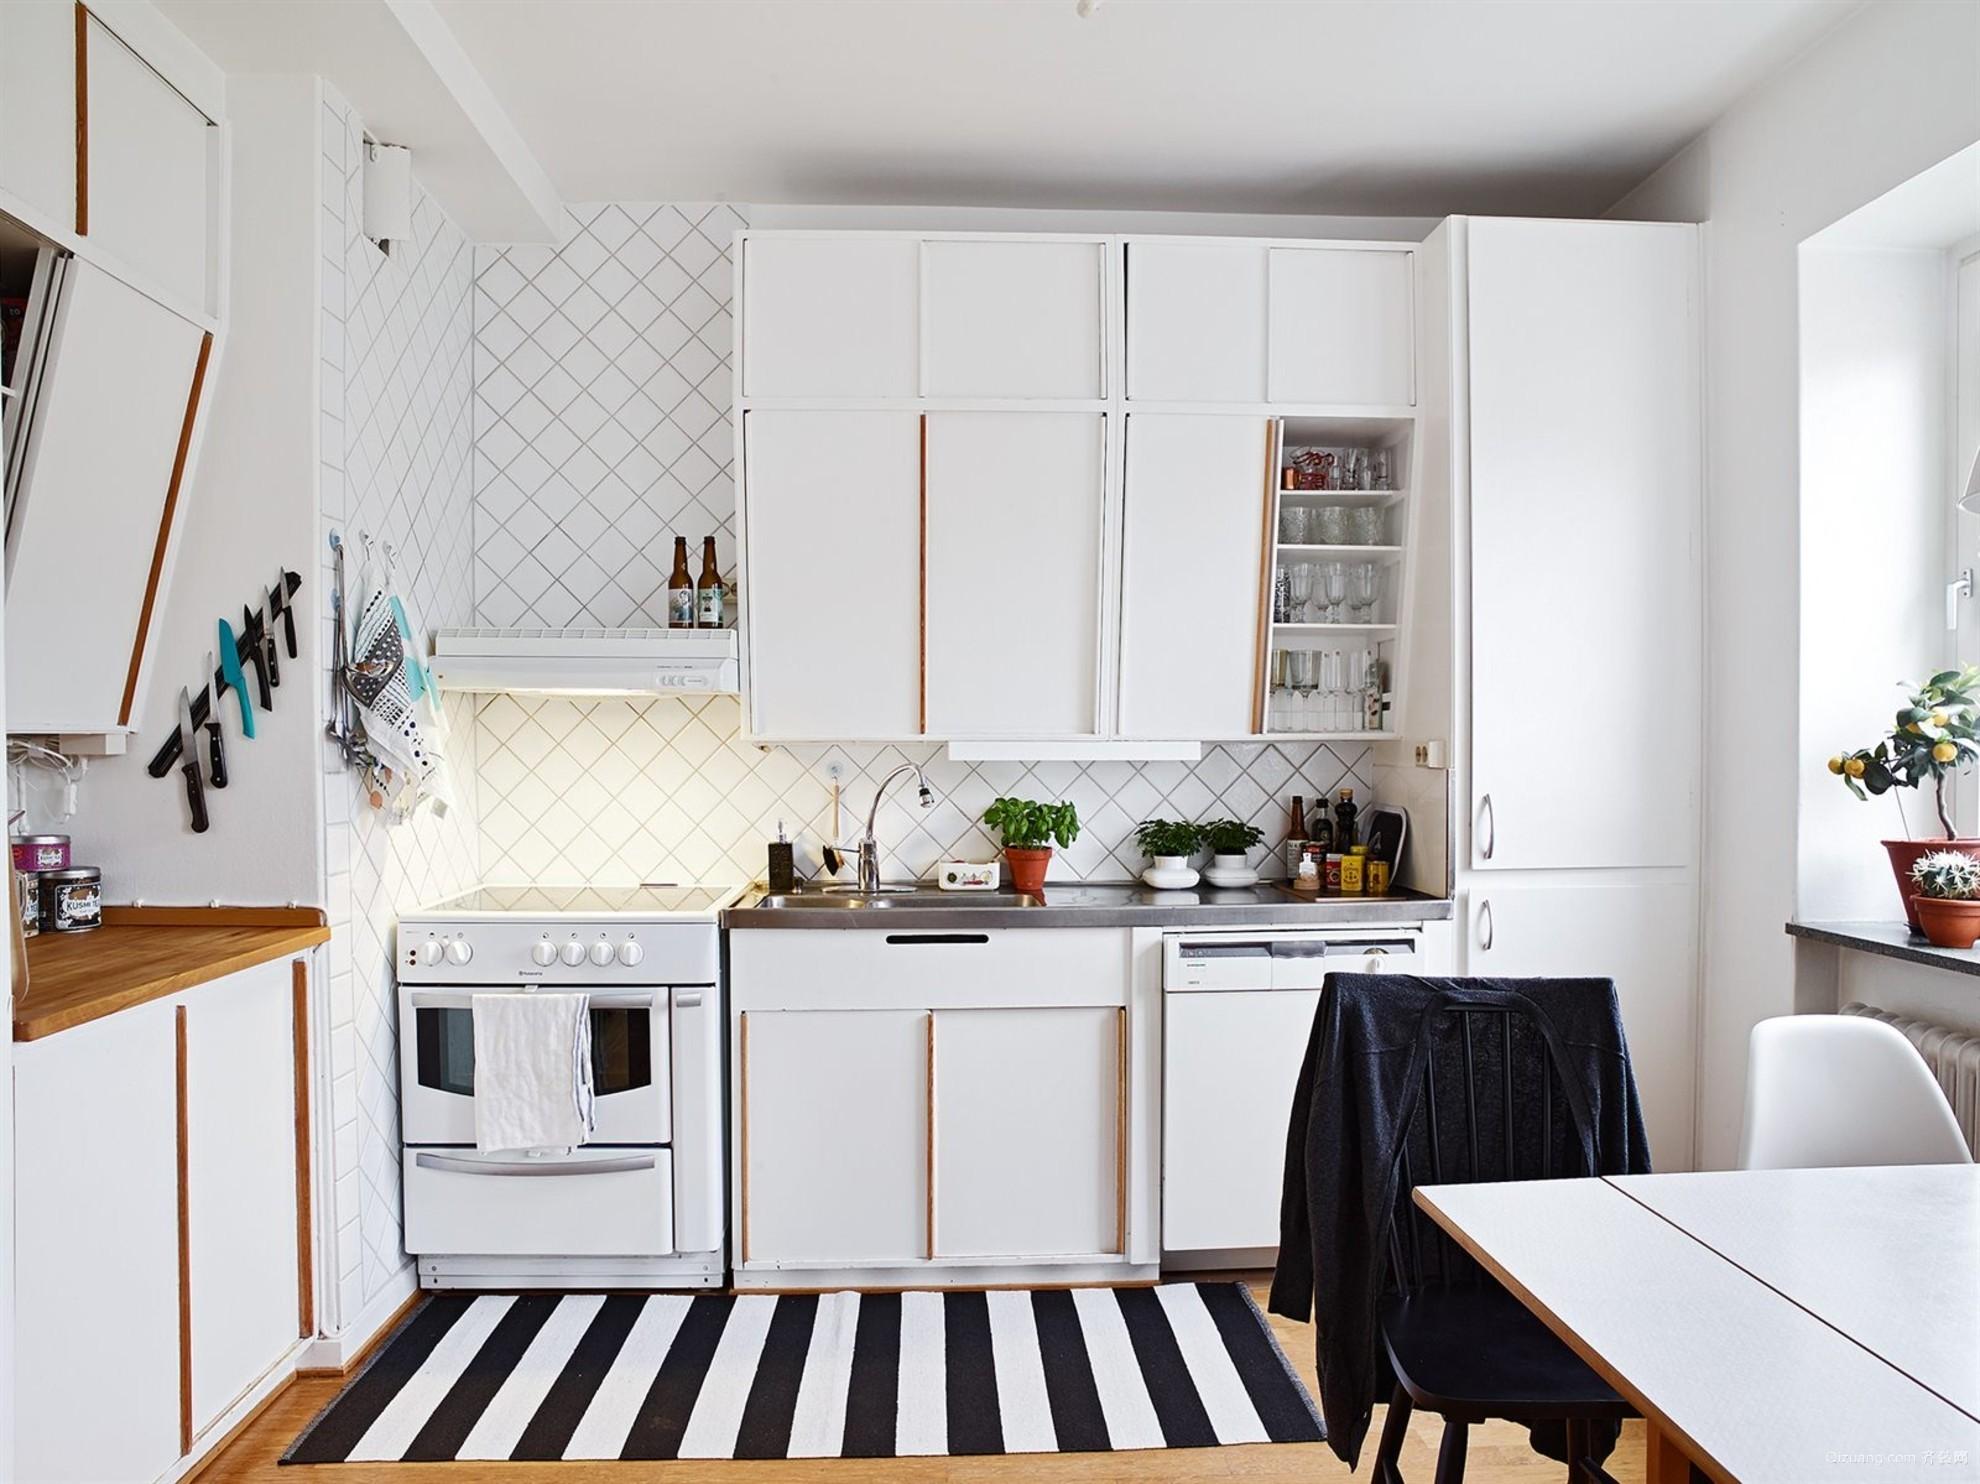 明亮北欧风小户型厨房装修设计效果图